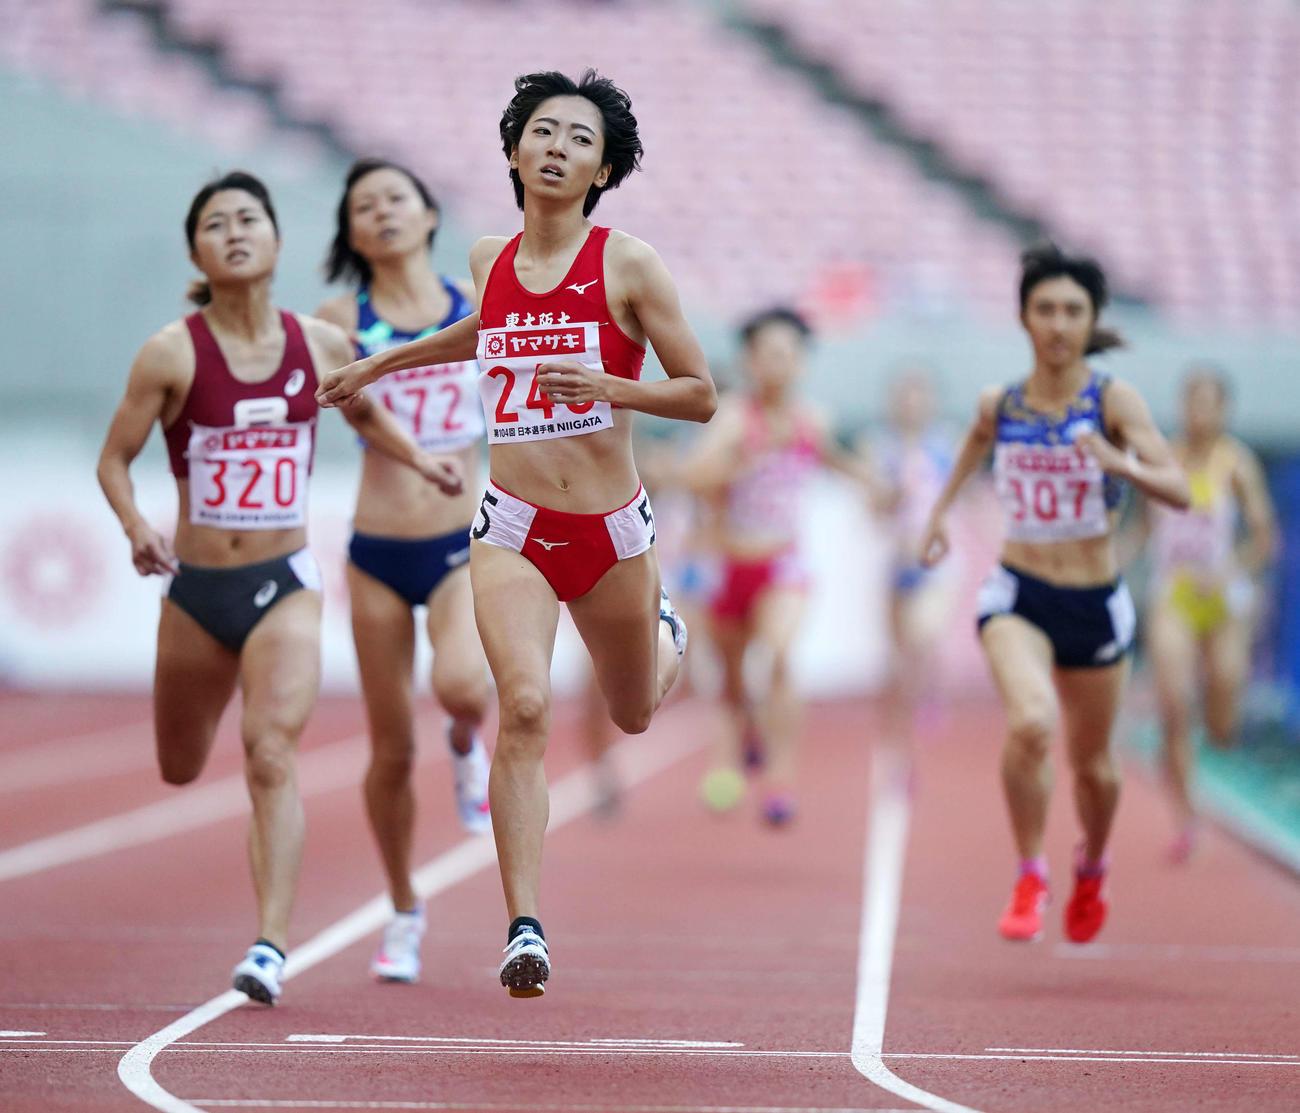 女子800メートルで優勝する川田(撮影・江口和貴)